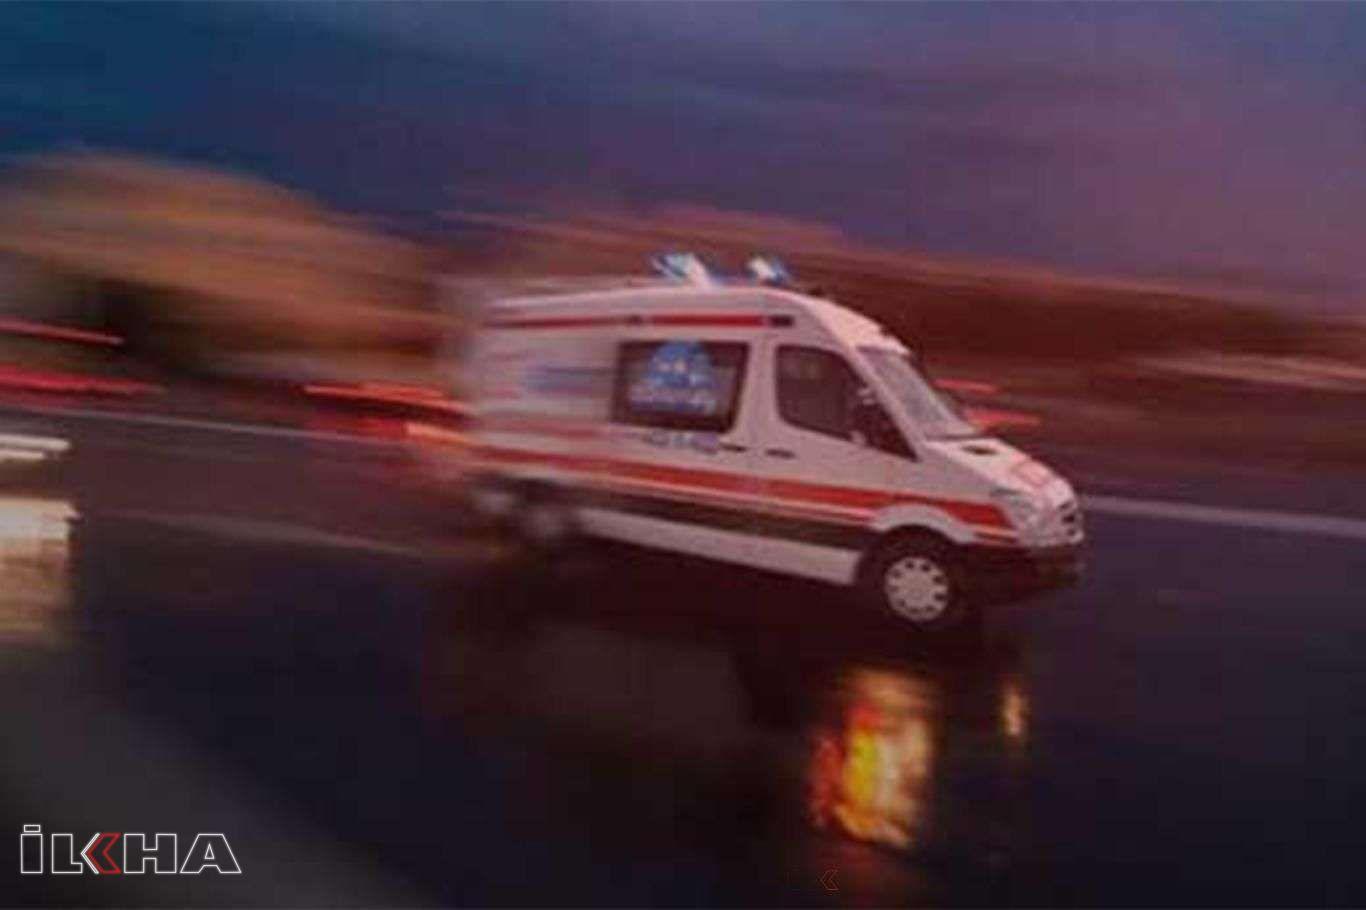 Üç aracın karıştığı kazada 1 kişi yaralandı